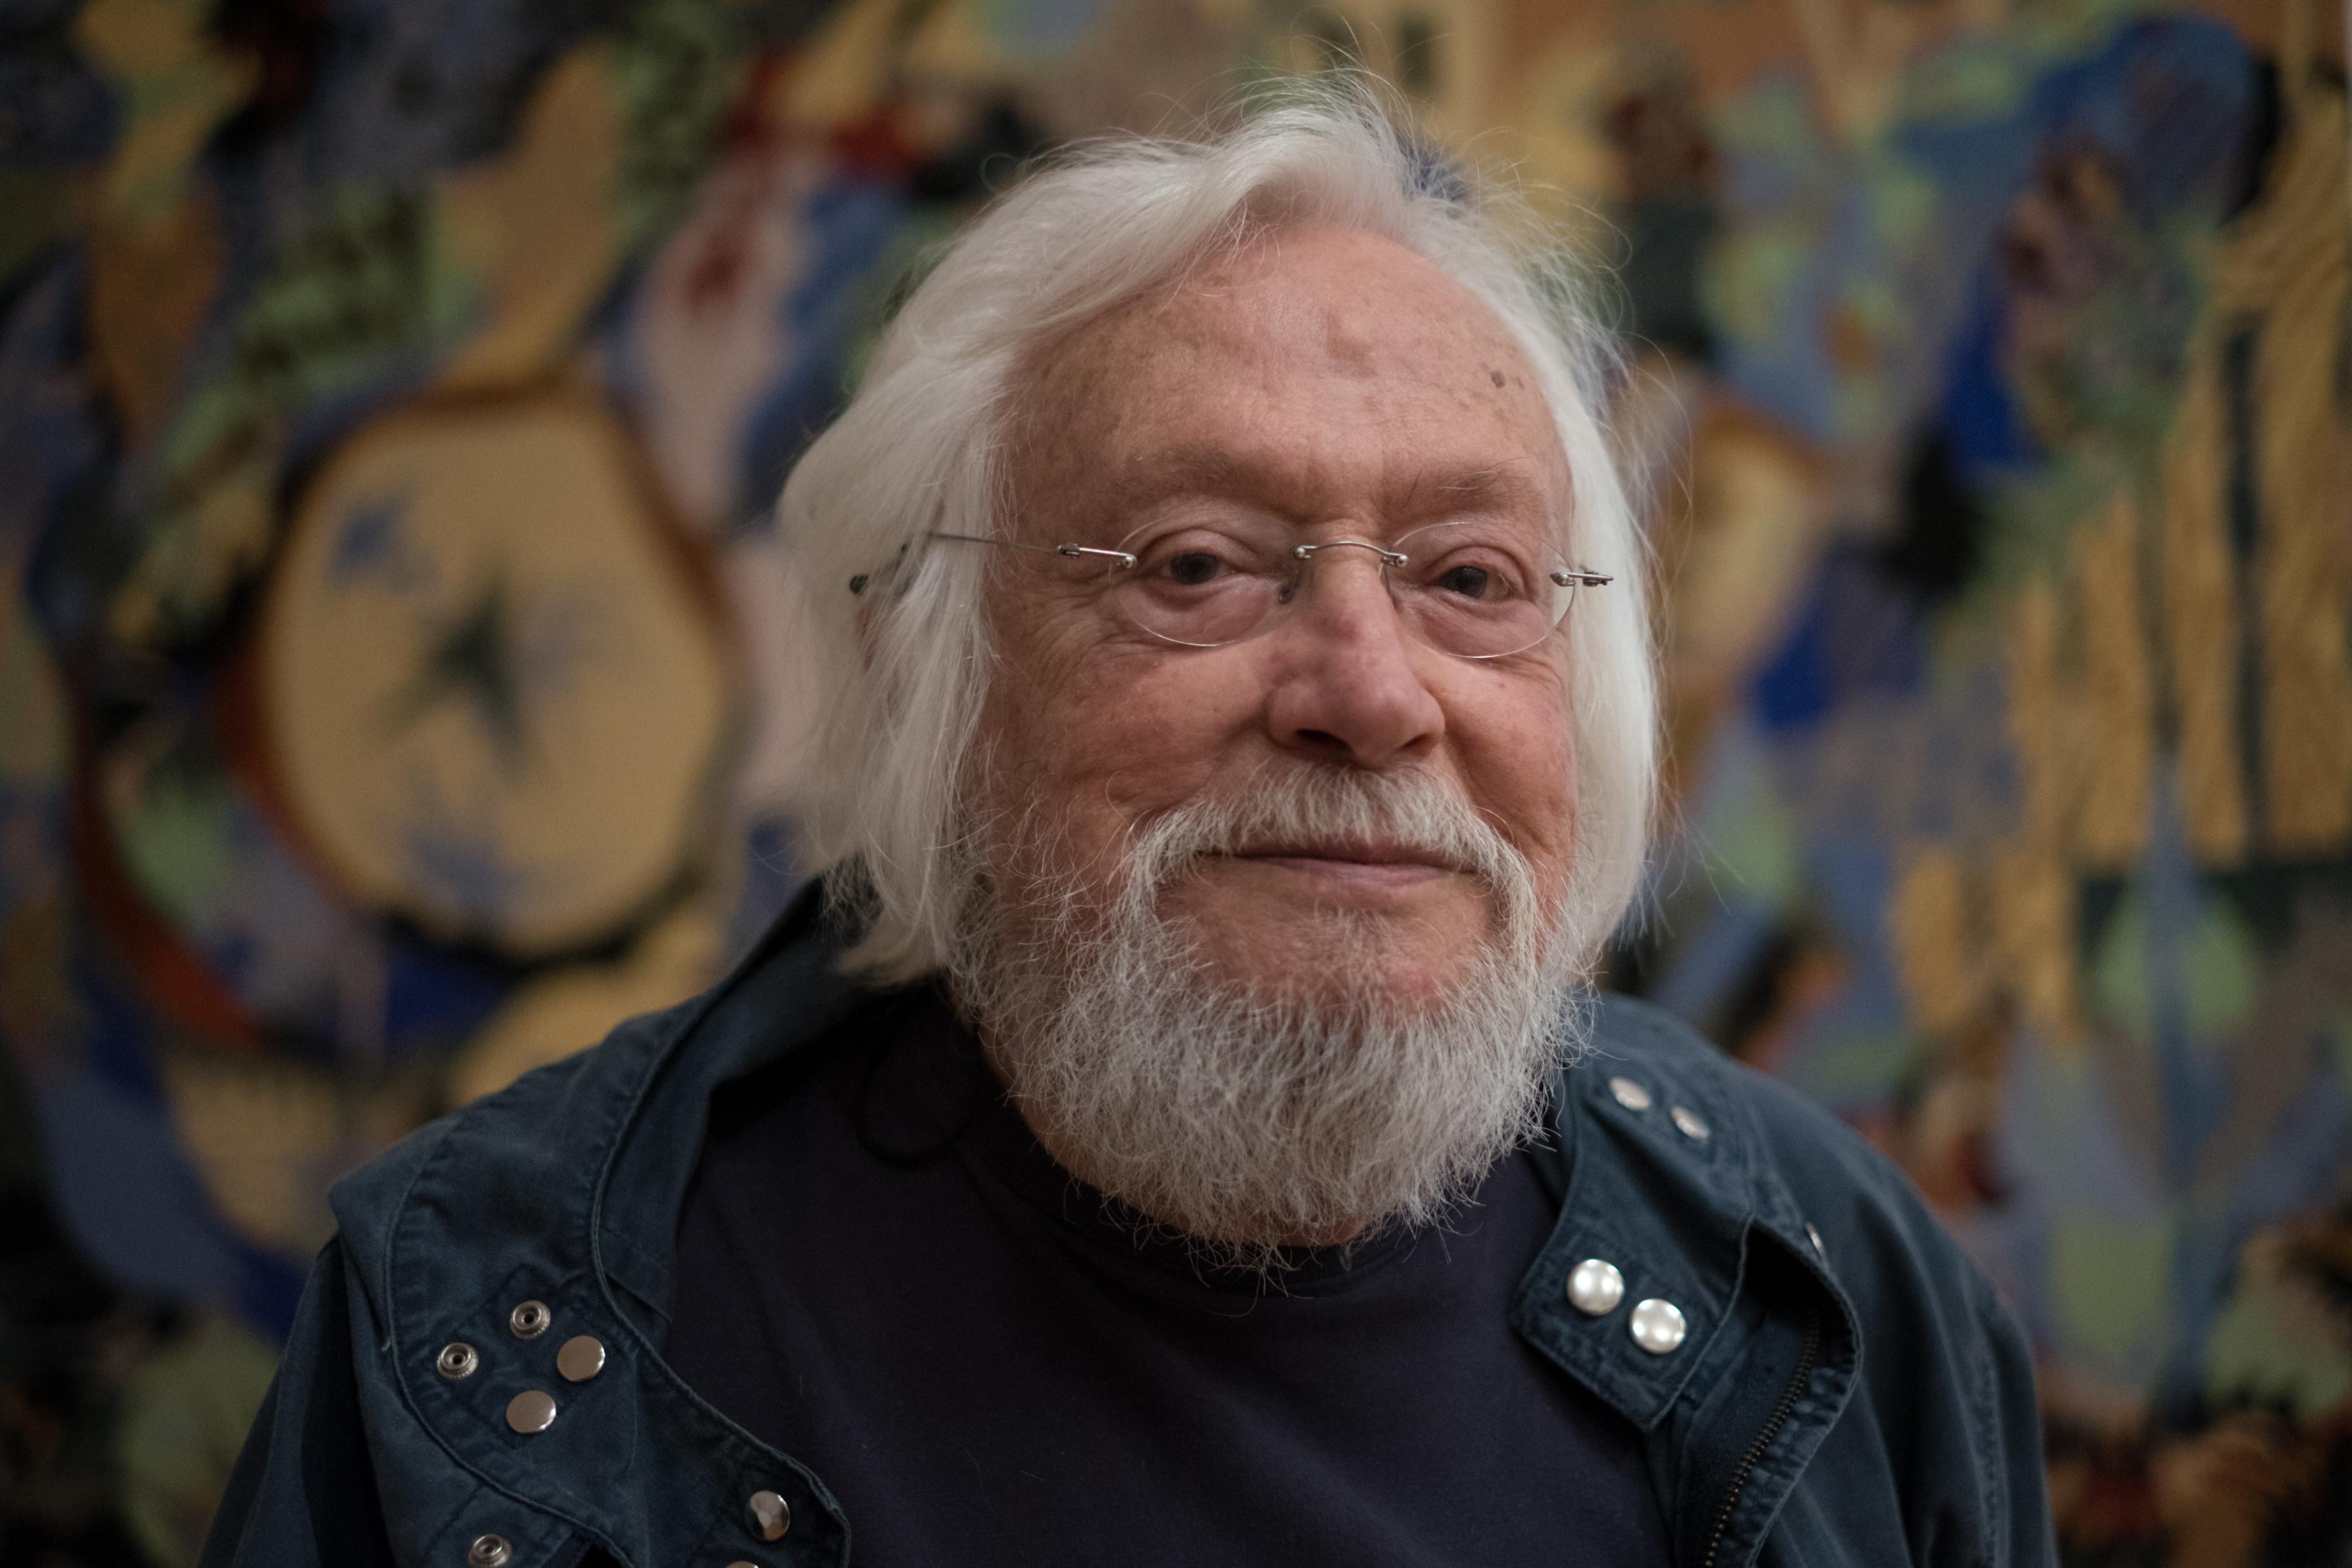 Esculturas de Júlio Pomar criadas em Paris em 'Então e a escultura?'